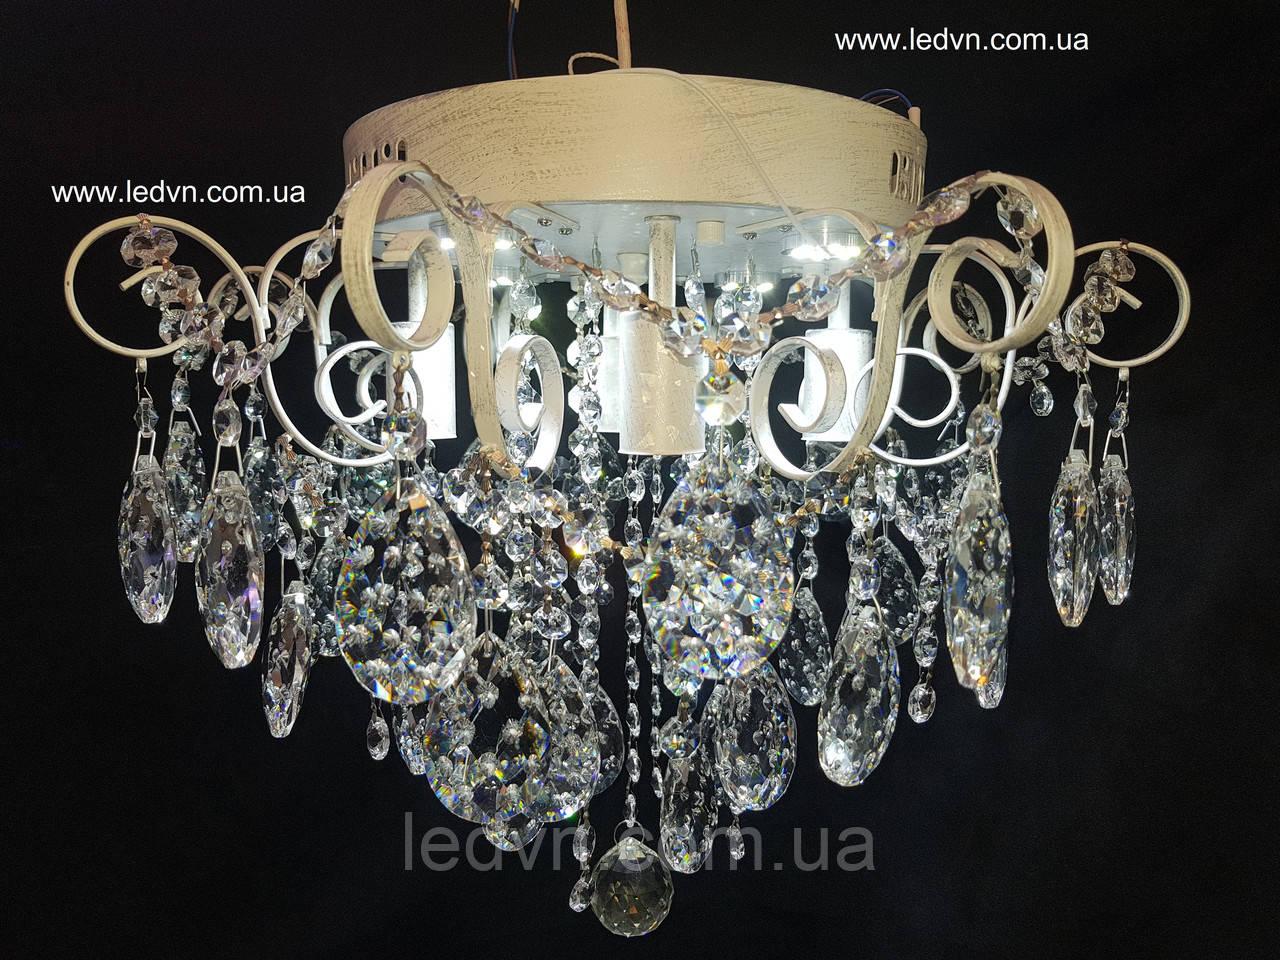 Классическая хрустальная со встроенной LED подсветкой 4+4 белая с потертостью серебро